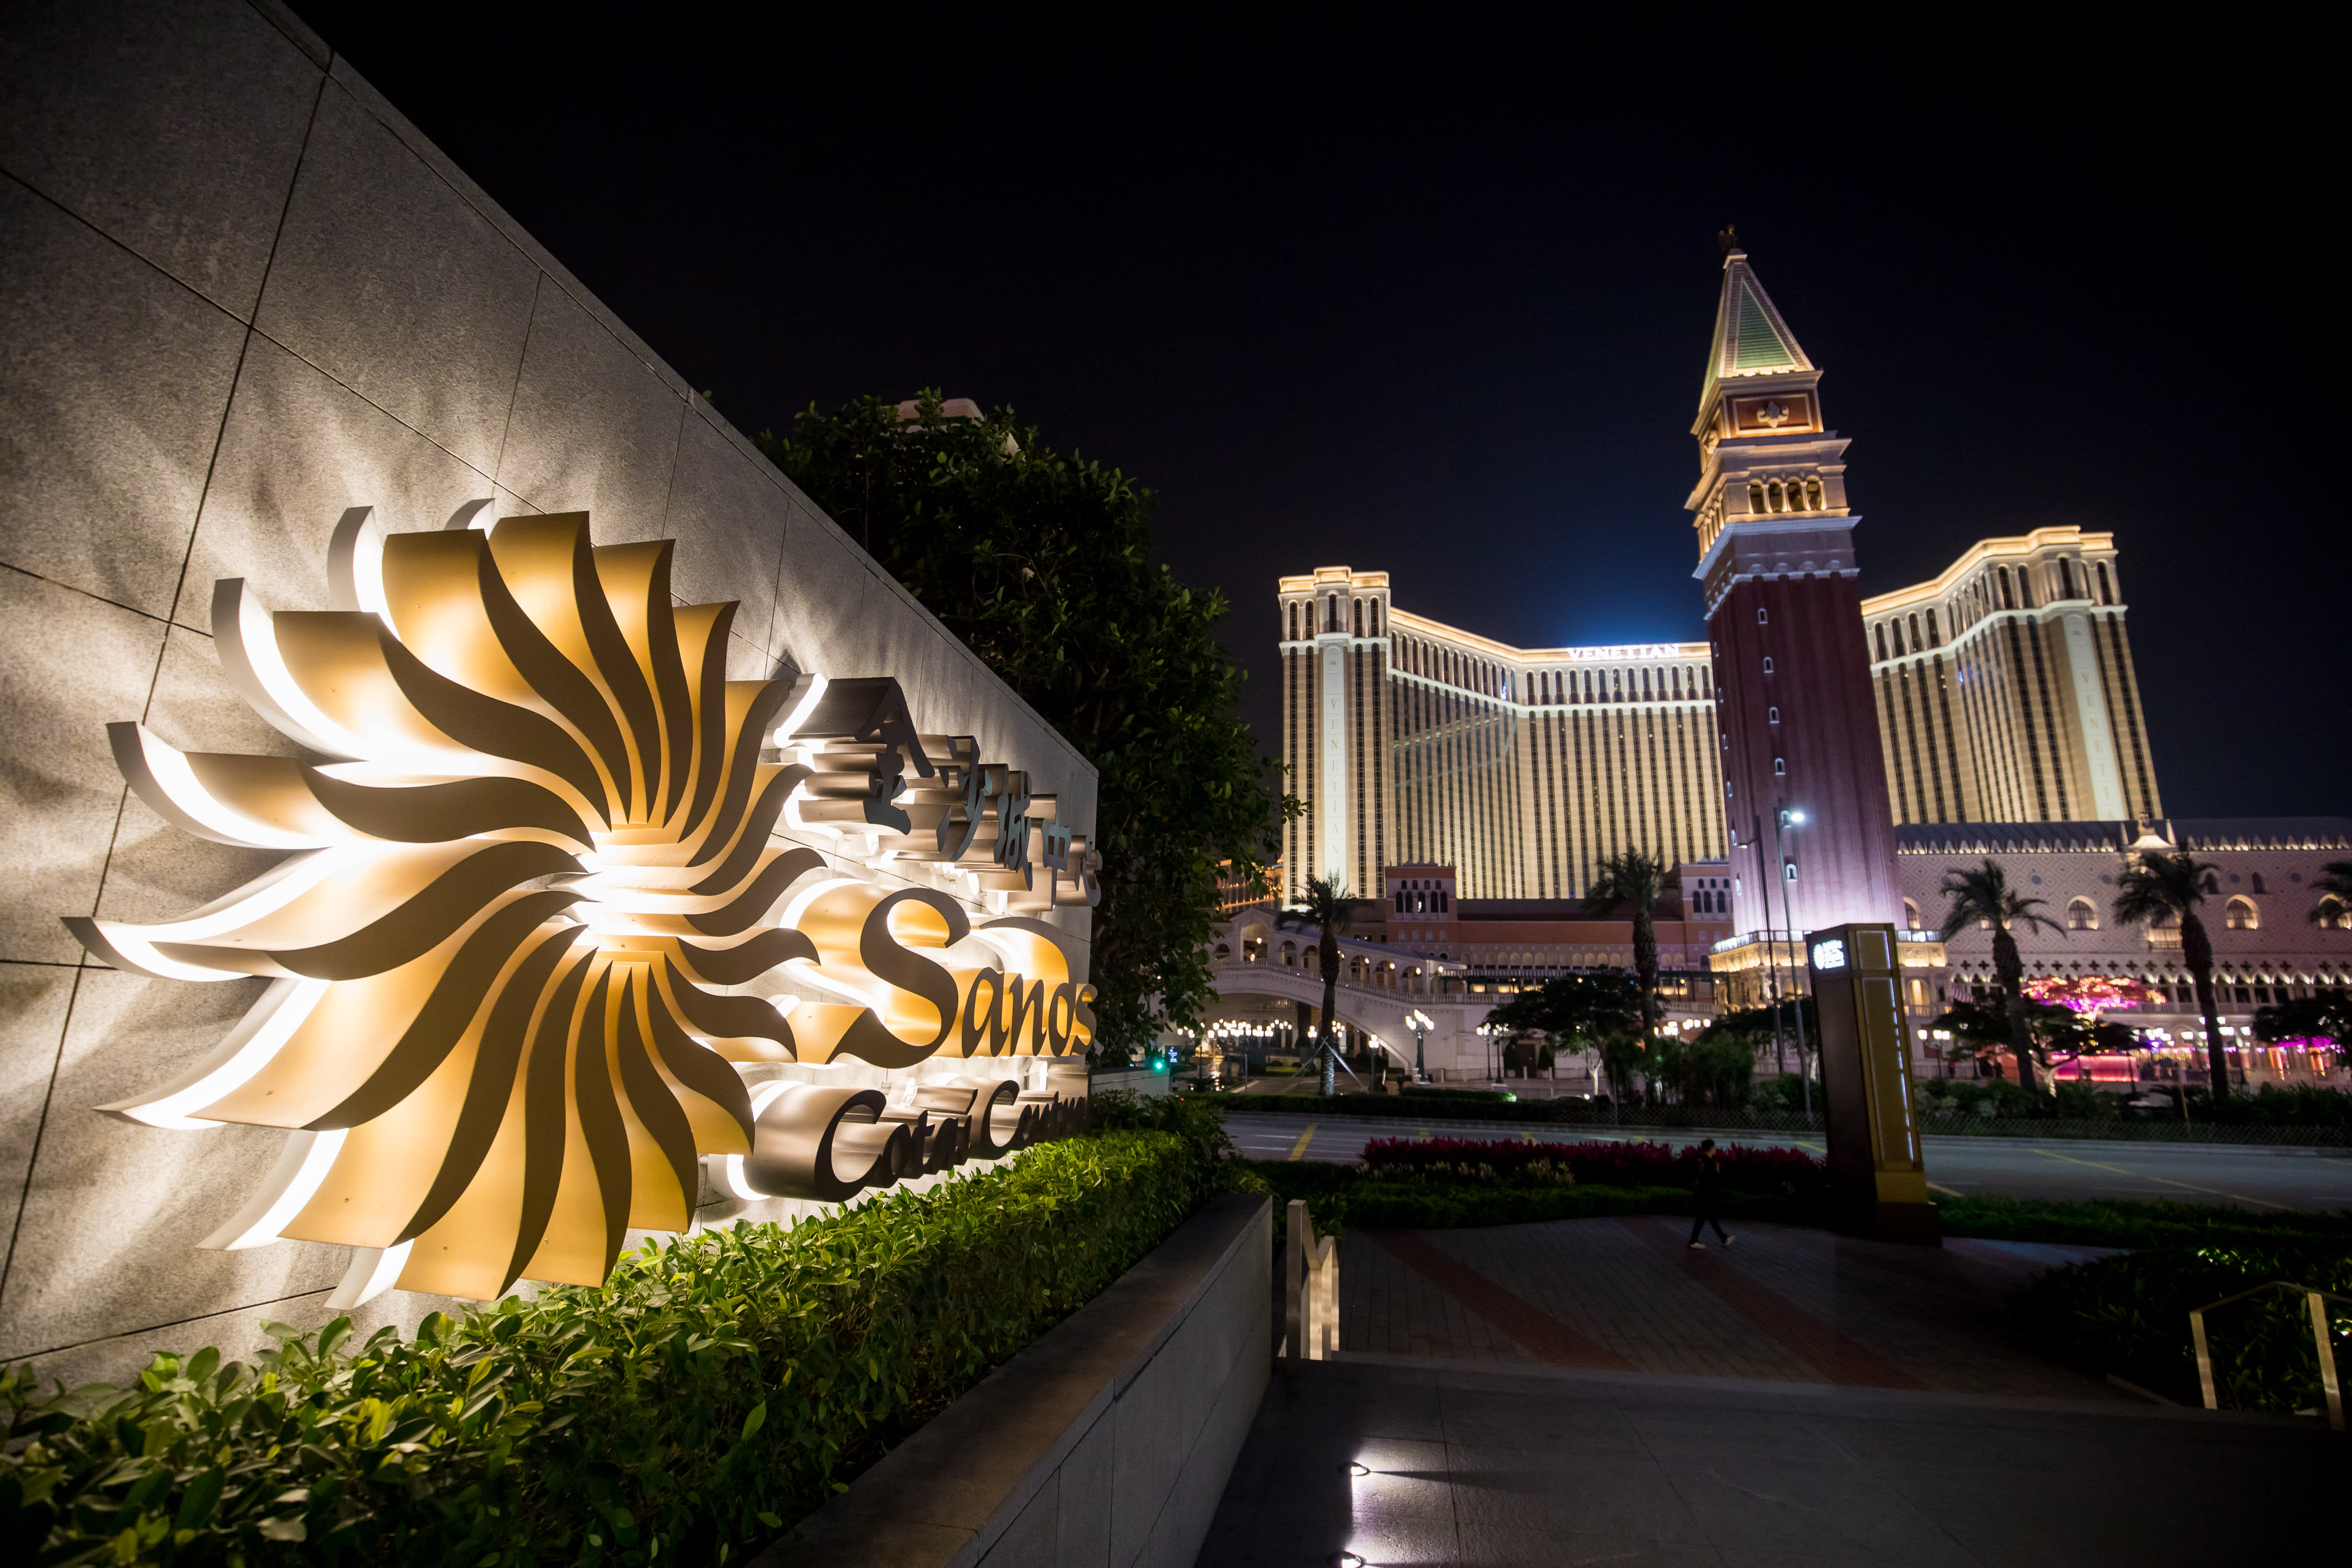 金沙集团考虑以60亿美元出售拉斯维加斯的旗舰赌场